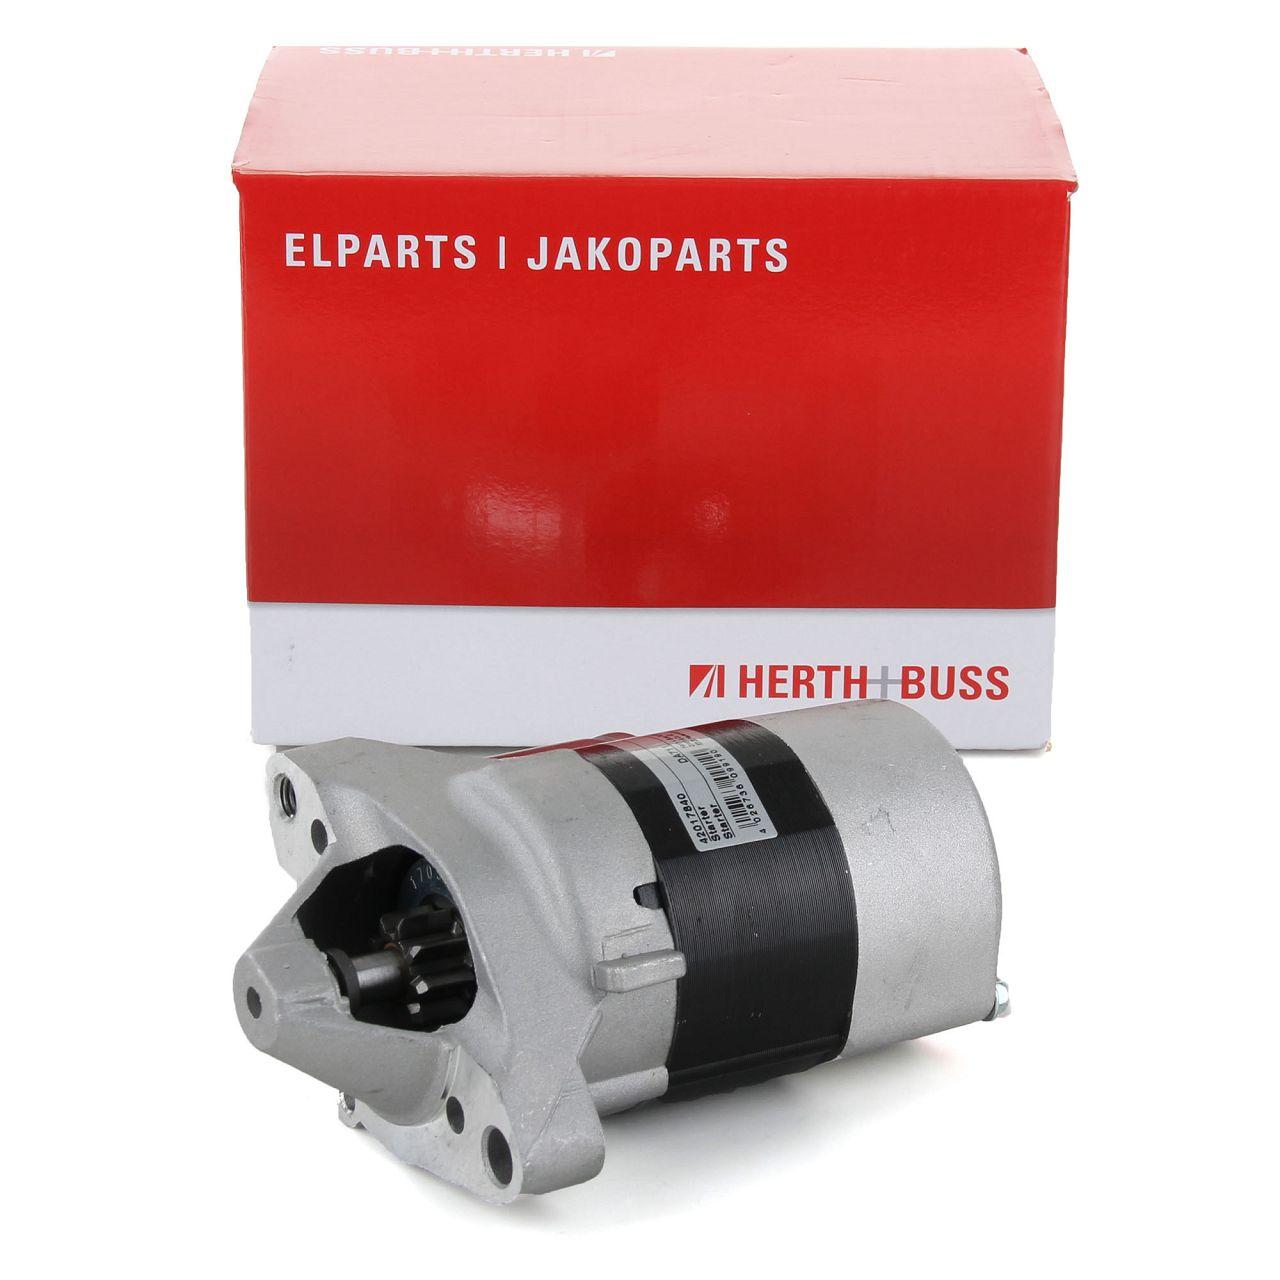 HERTH+BUSS ELPARTS Starter Anlasser 12V 0,7 kW für DACIA SANDERO RENAULT CLIO 1